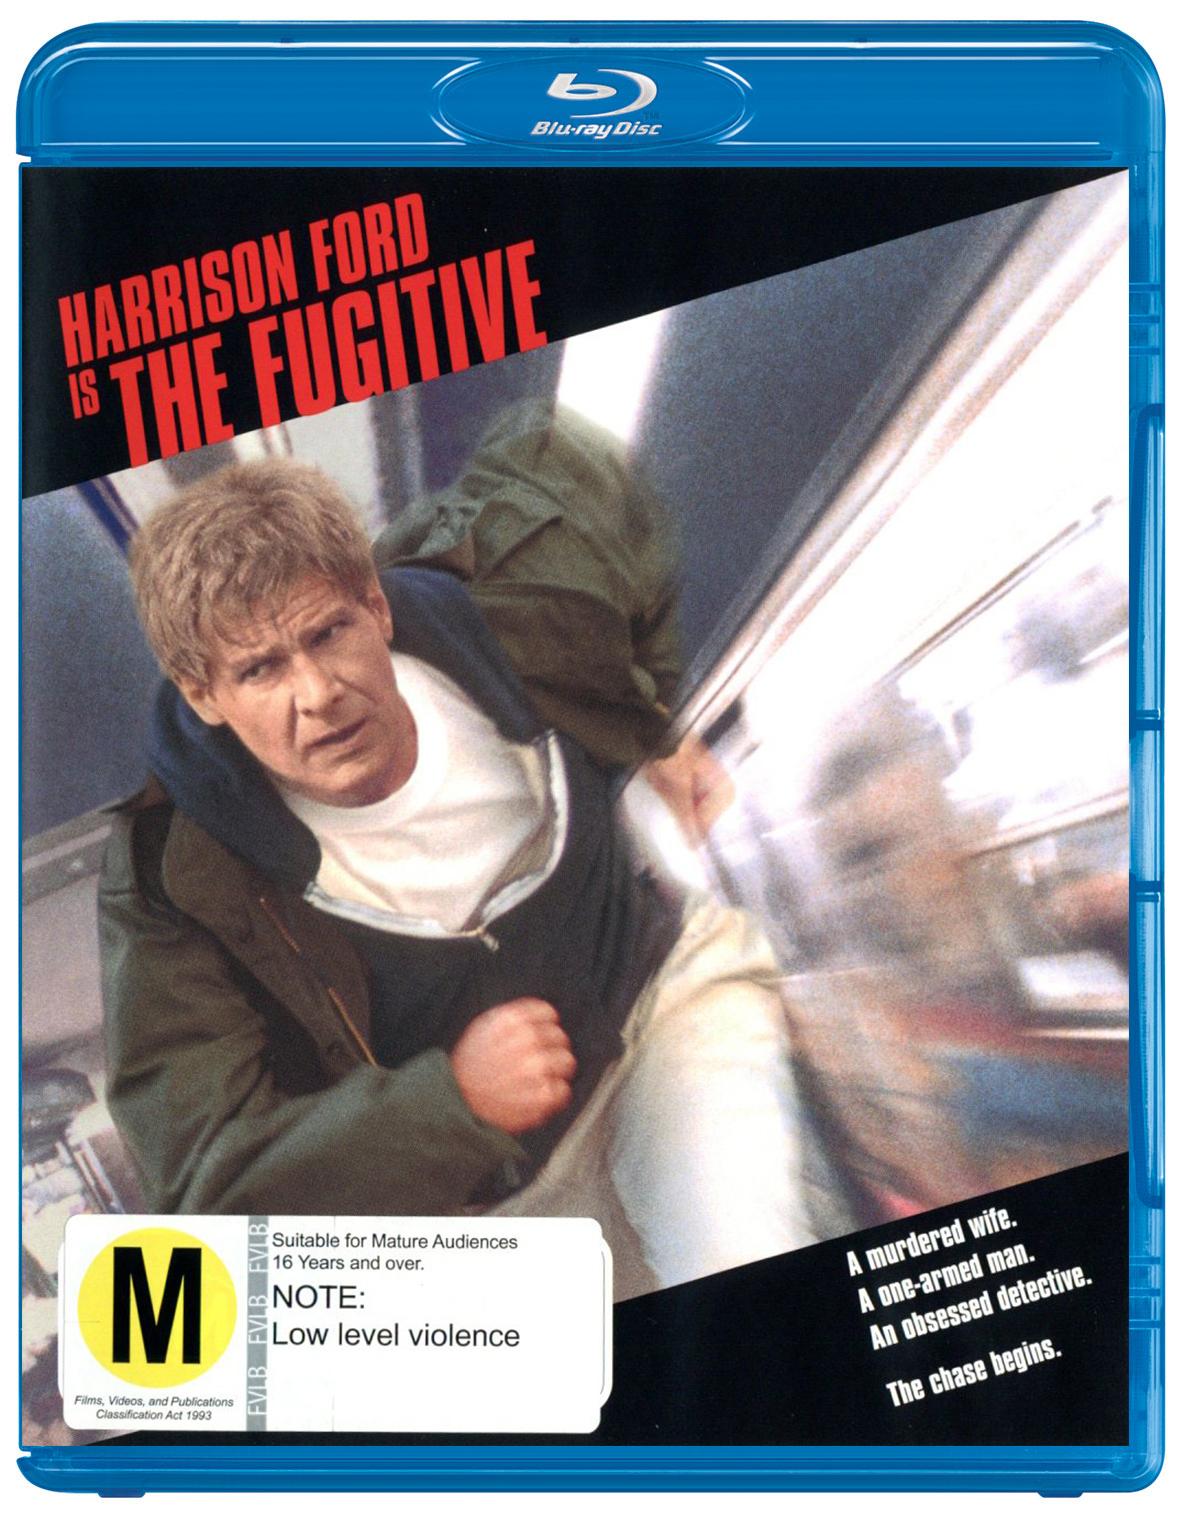 The Fugitive on Blu-ray image